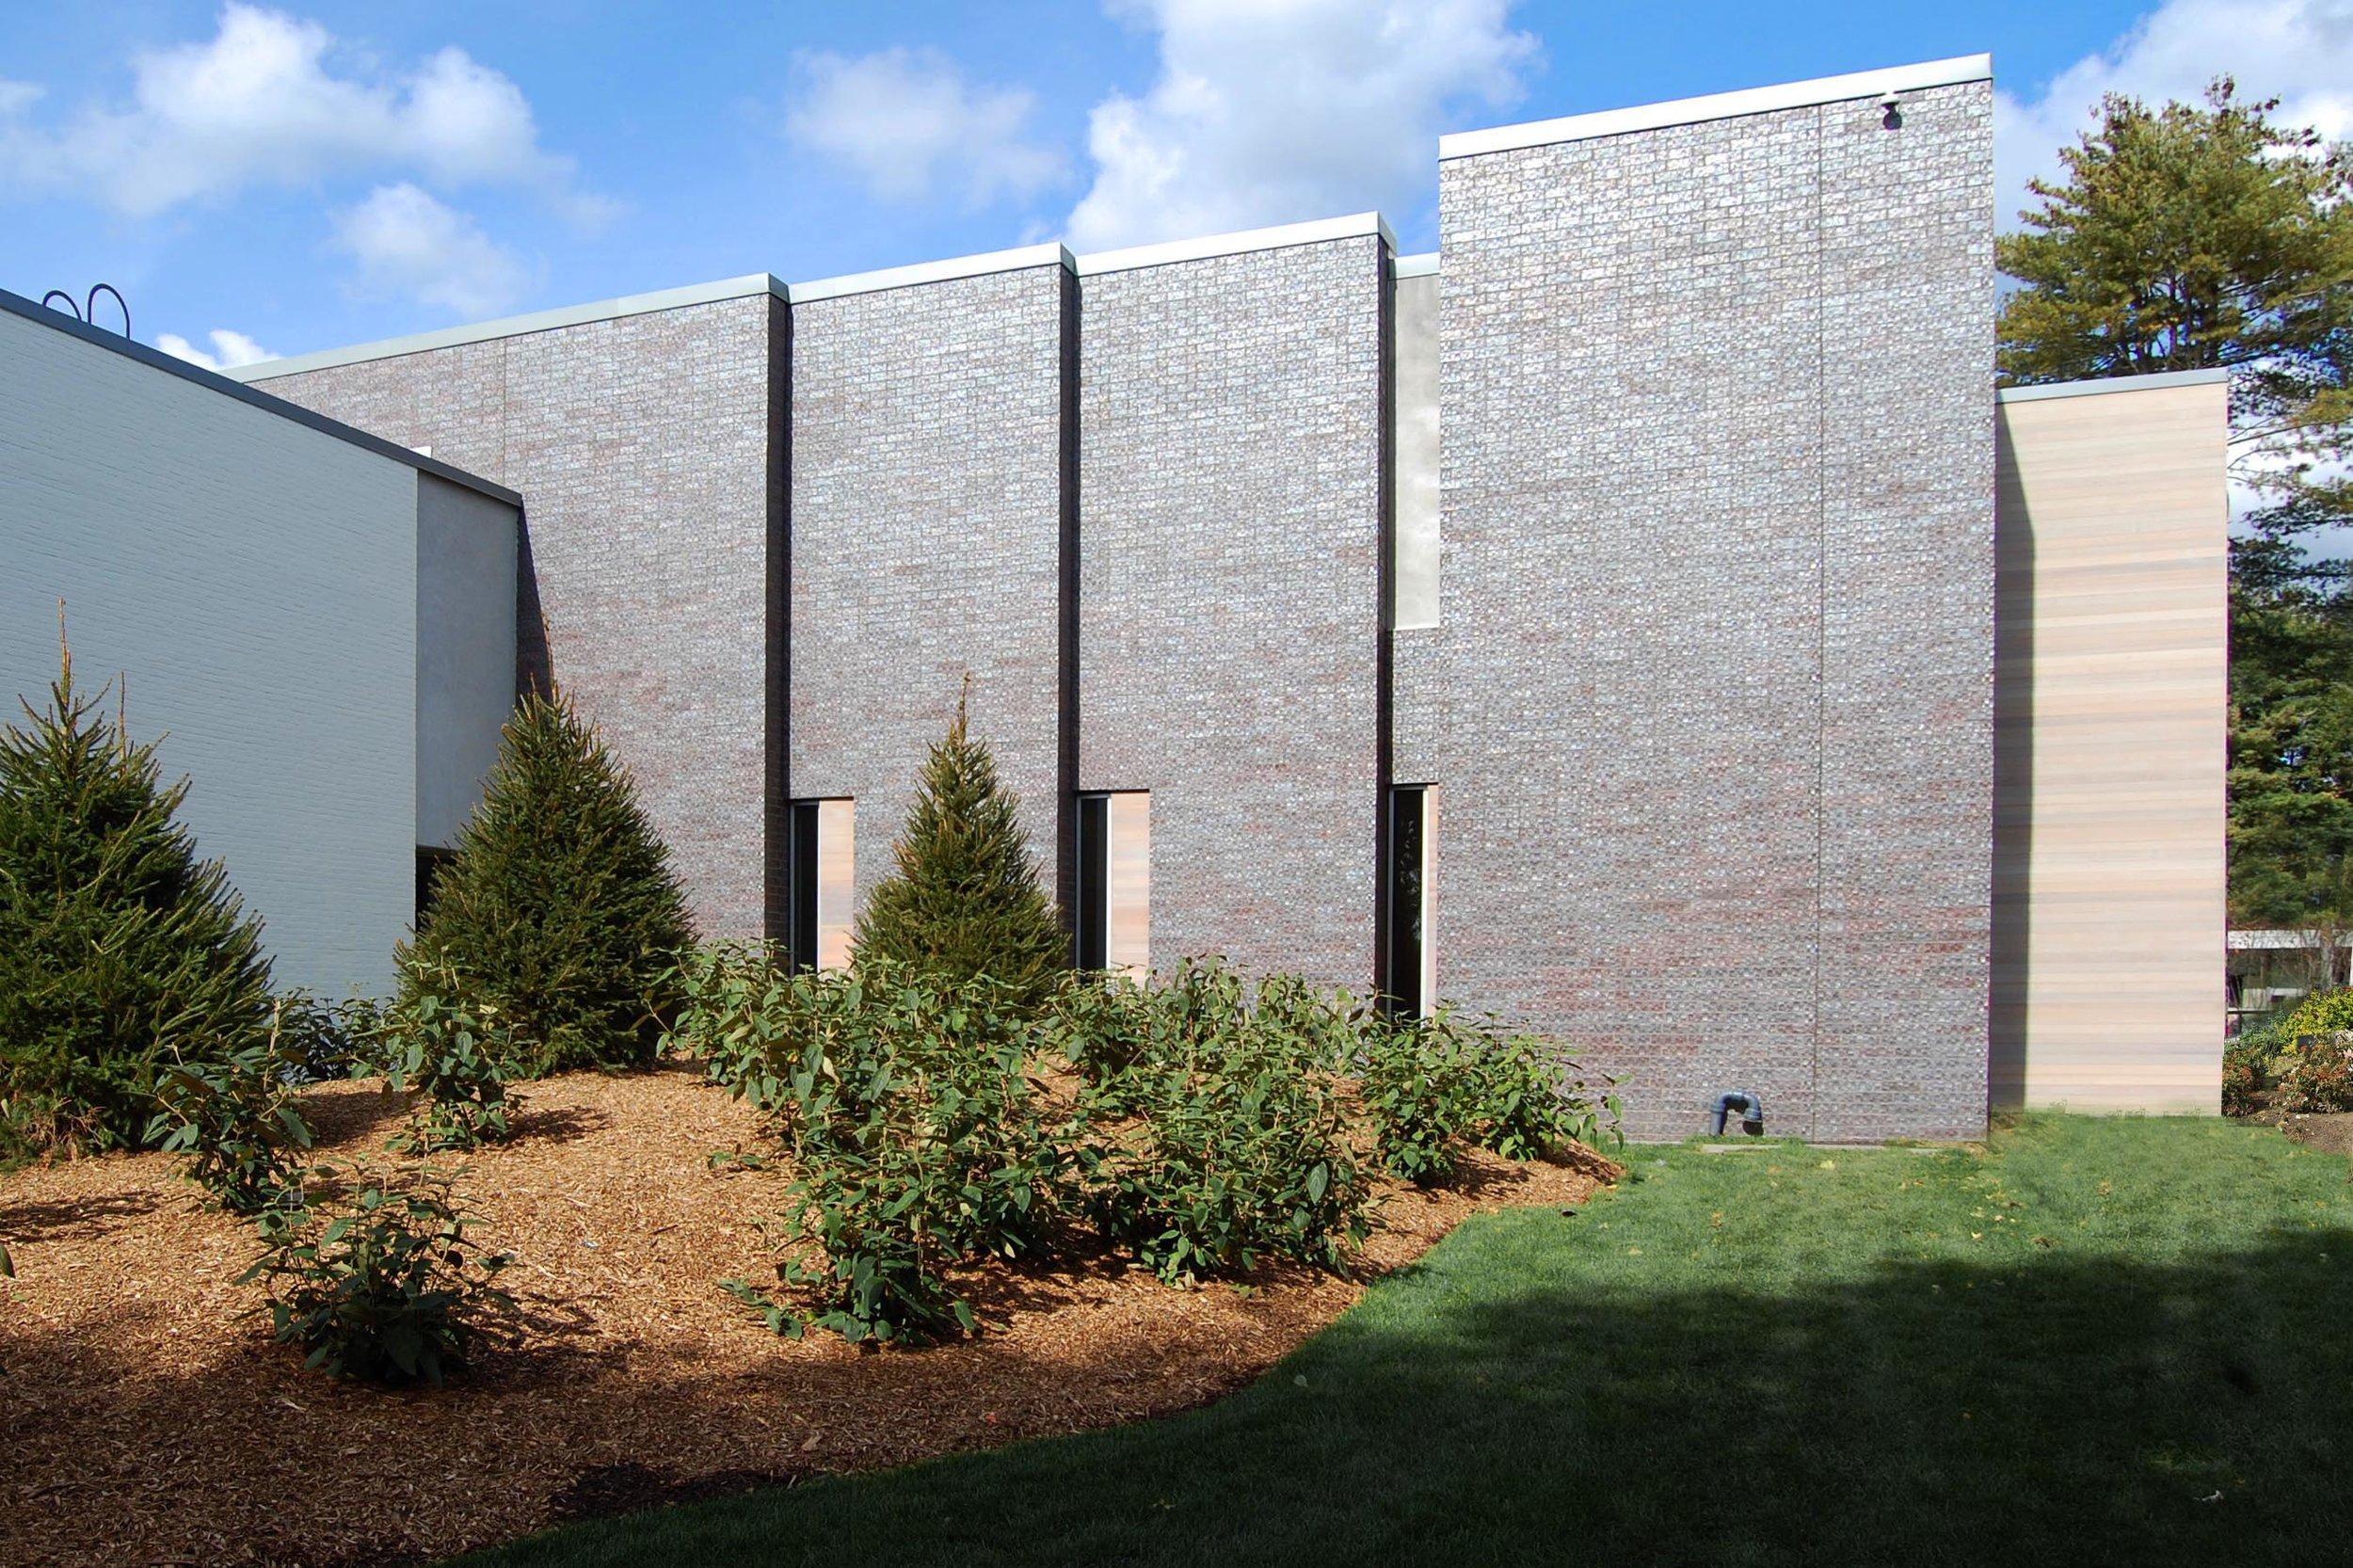 DameronArchitecture_WestchesterTemple_2.jpg